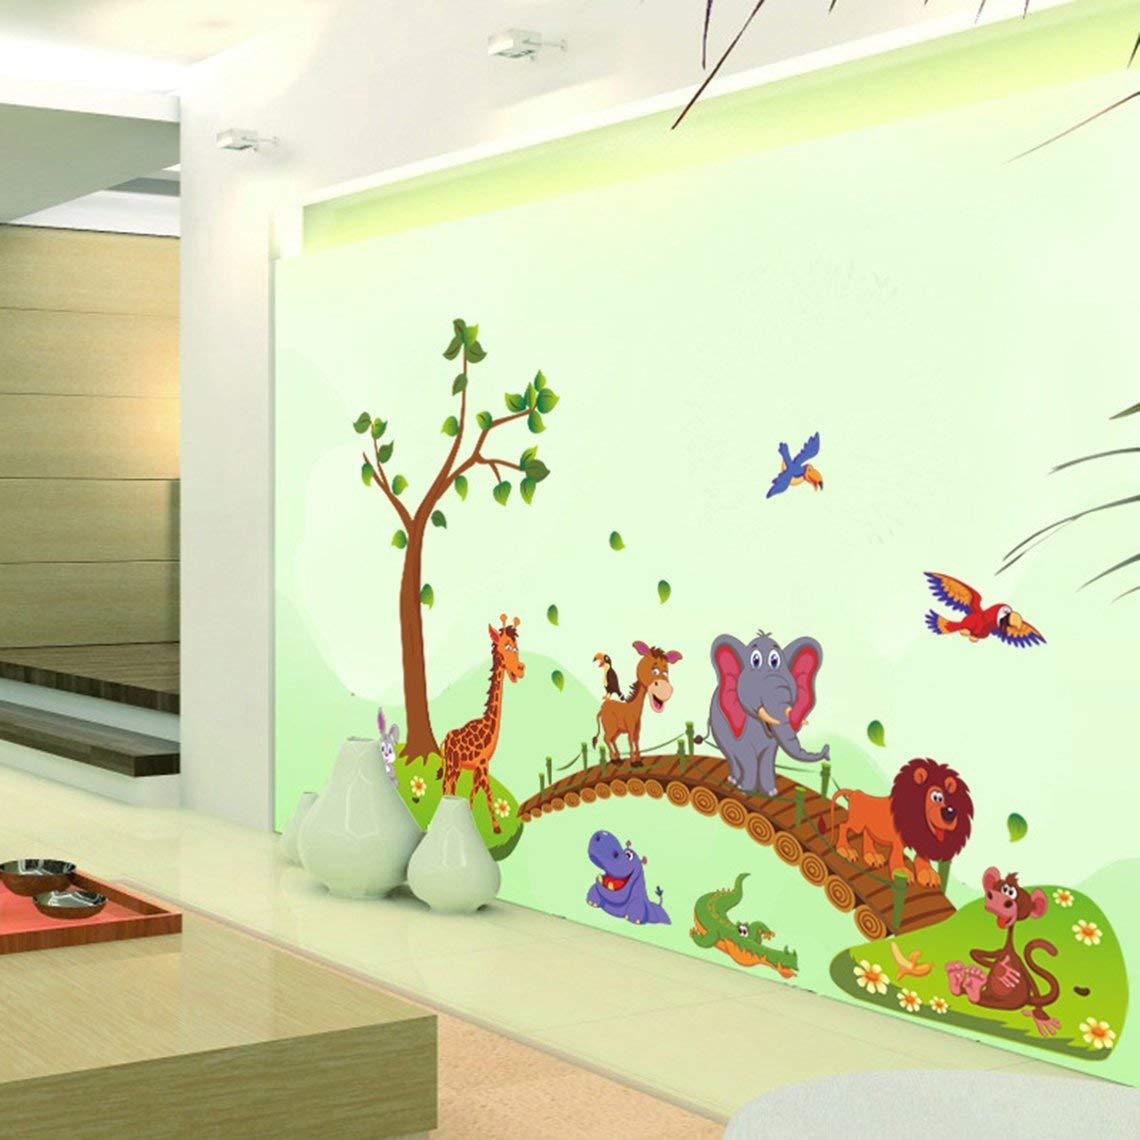 Zinniaya Kawaii Jungla Grande Animales Puente PVC Pegatinas de Pared Dormitorio de los ni/ños Wallpaper Tatuajes de Dormitorio Infantil Decoraci/ón